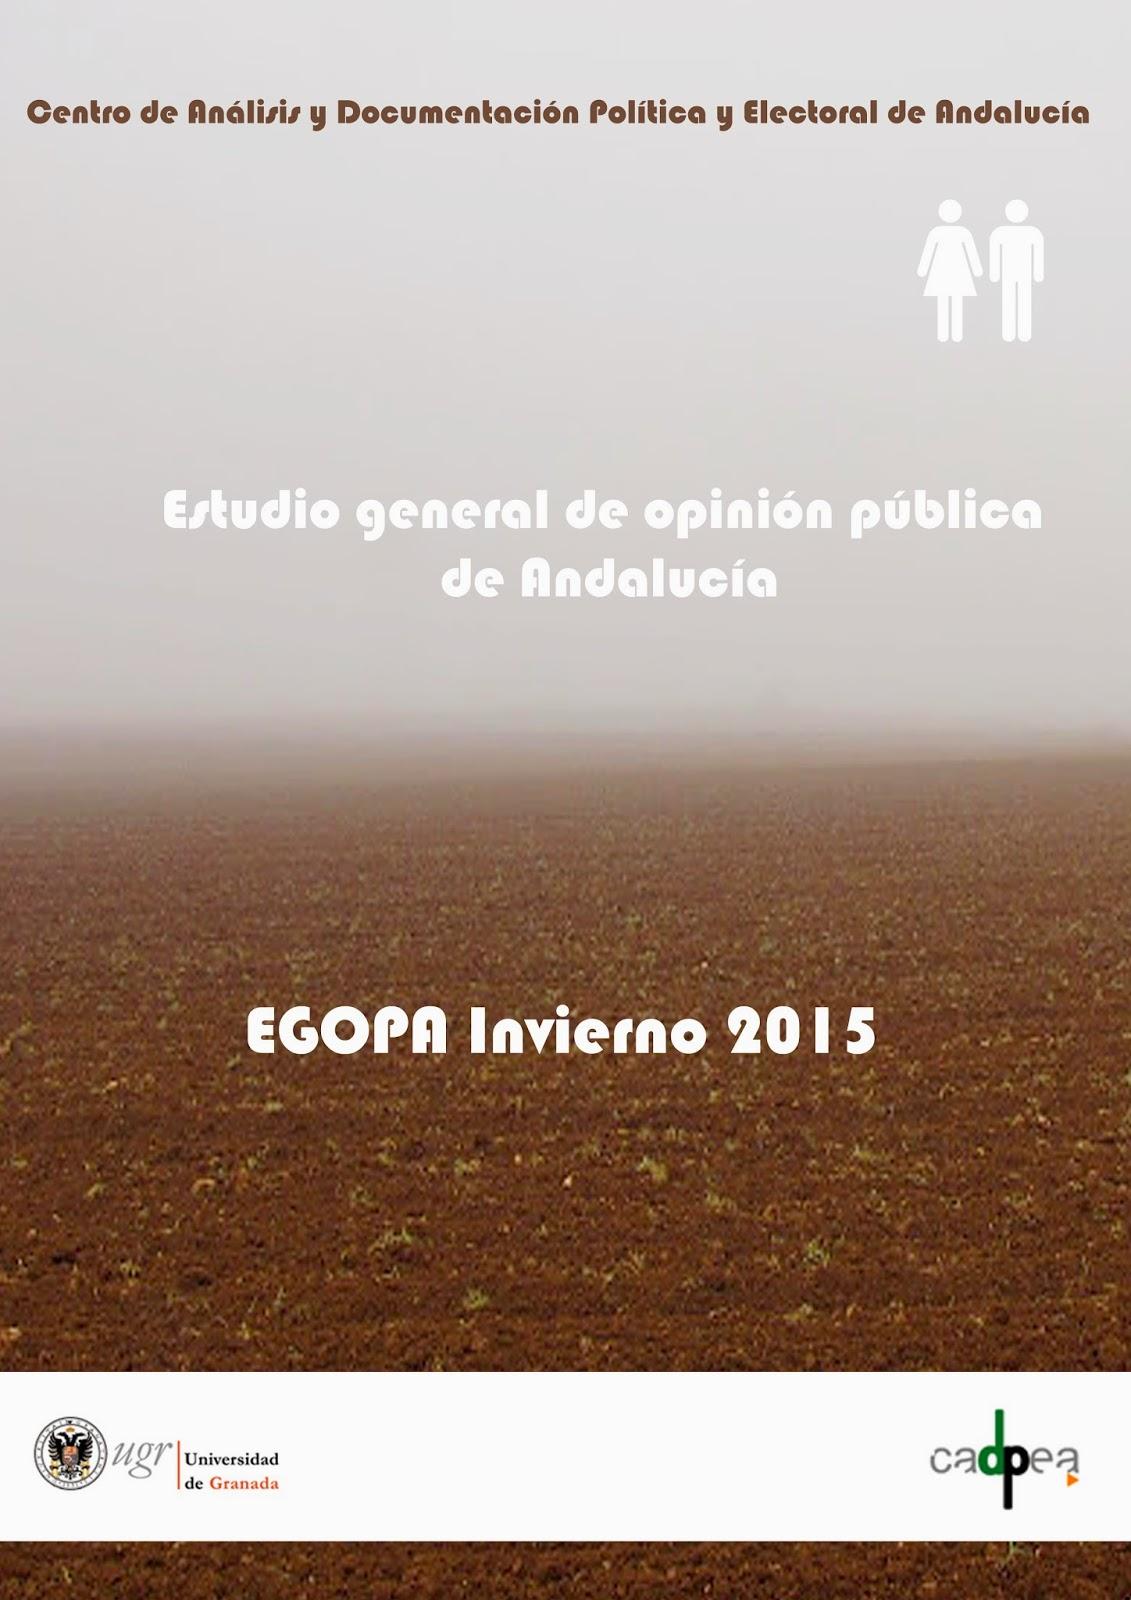 http://www.cadpea.org/documentos/EGOPA/EGOPA_67/EGOPA%20Invierno%202015.pdf